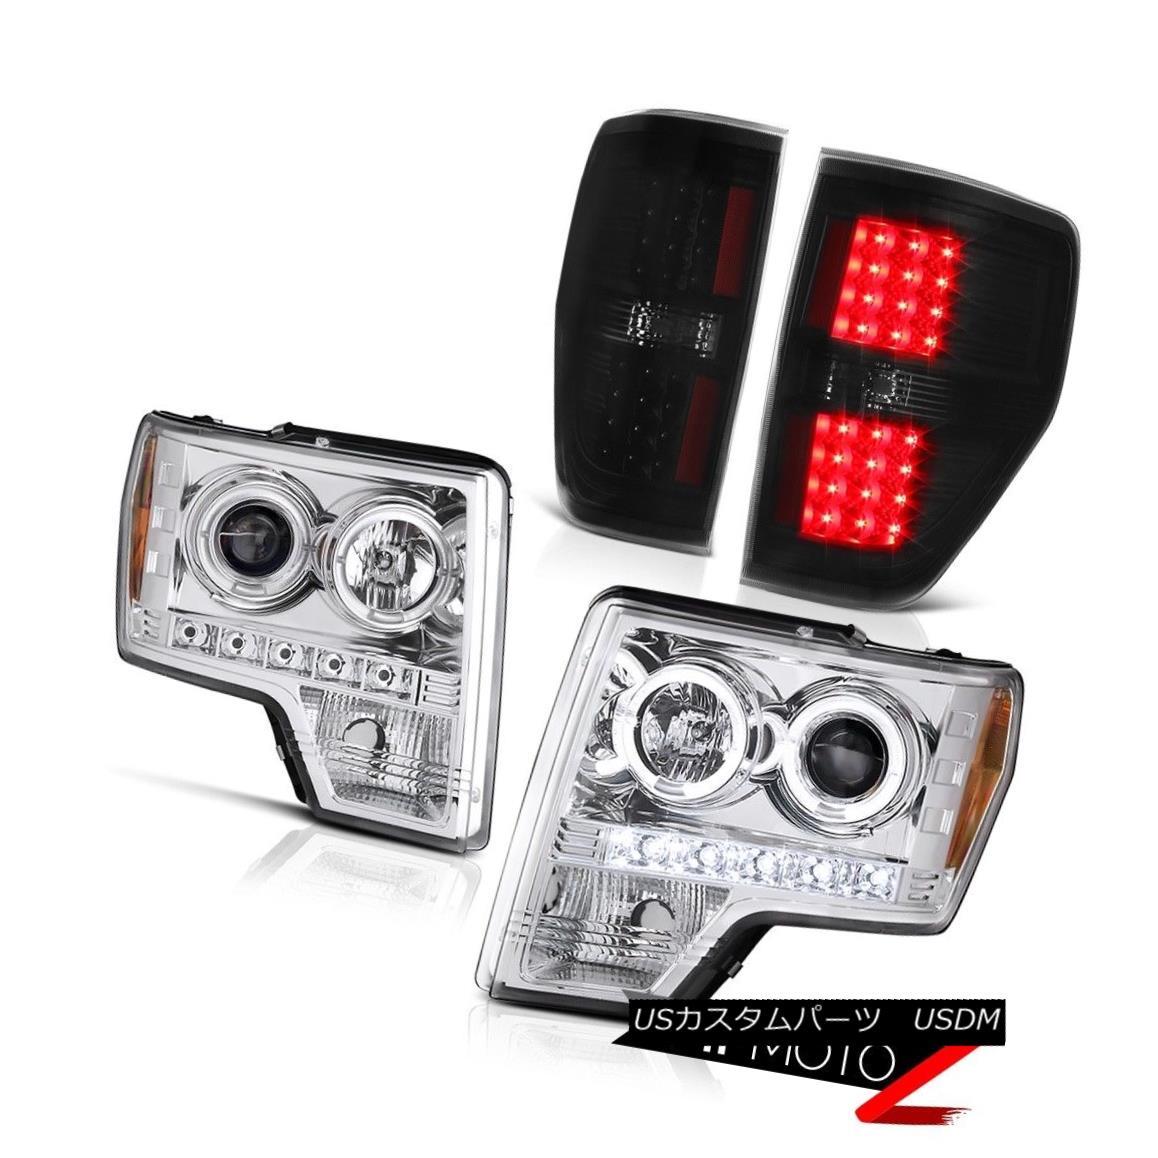 ヘッドライト 2009-2014 Ford F150 Chrome Angel Eye DRL Projector Headlight LED Bulbs Taillight 2009-2014フォードF150クロームエンジェルアイDRLプロジェクターヘッドライトLEDバルブティアライト